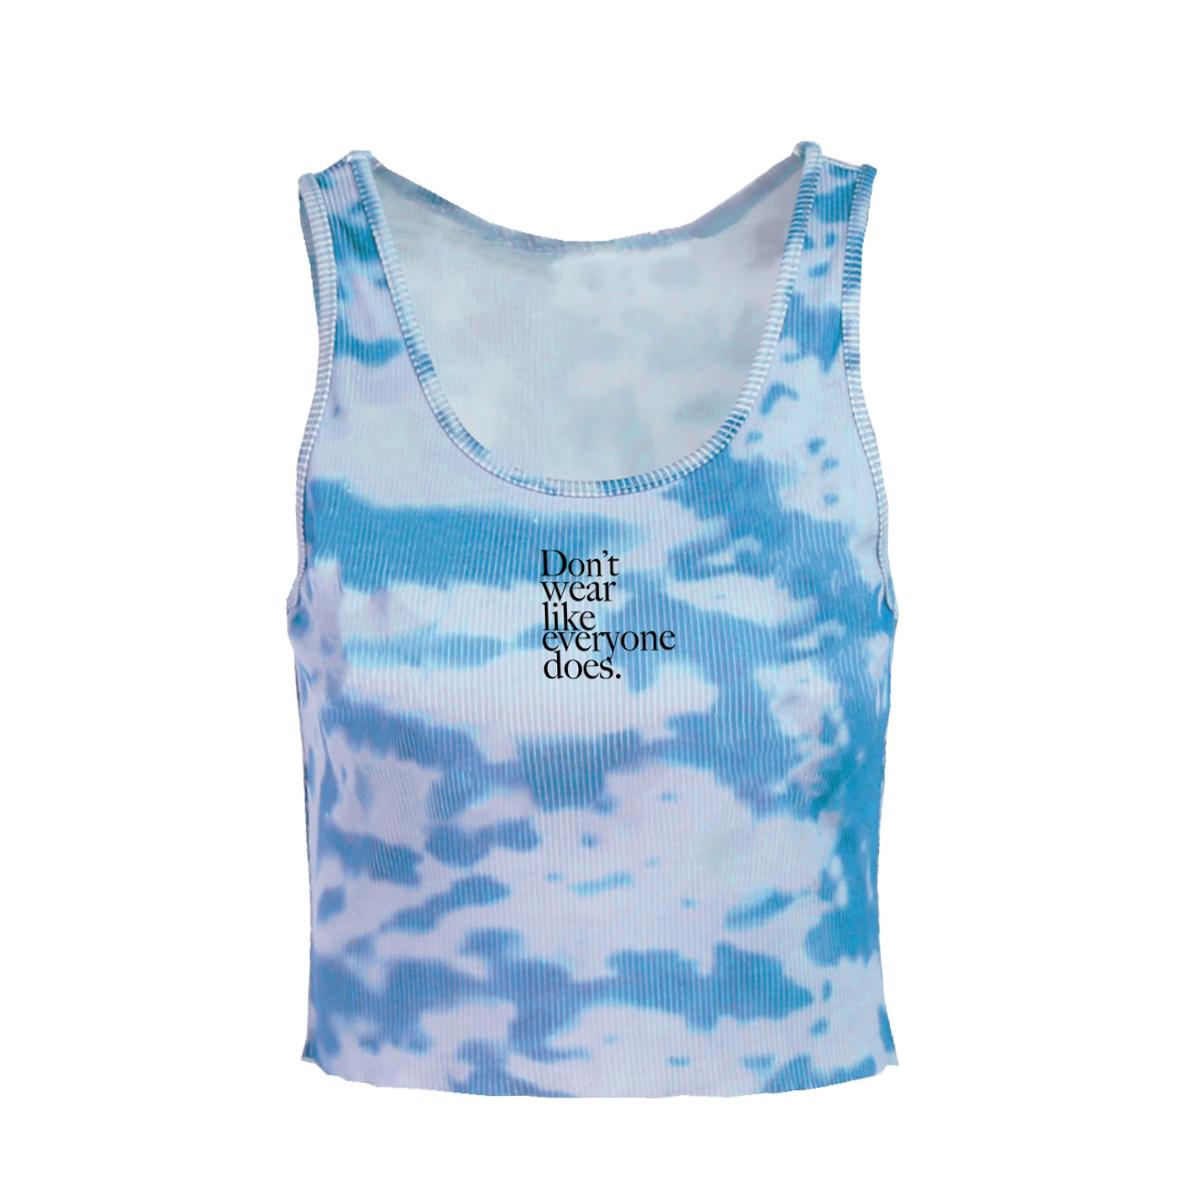 Don't wear like everyone does. Embroidery Tie-dye Tank